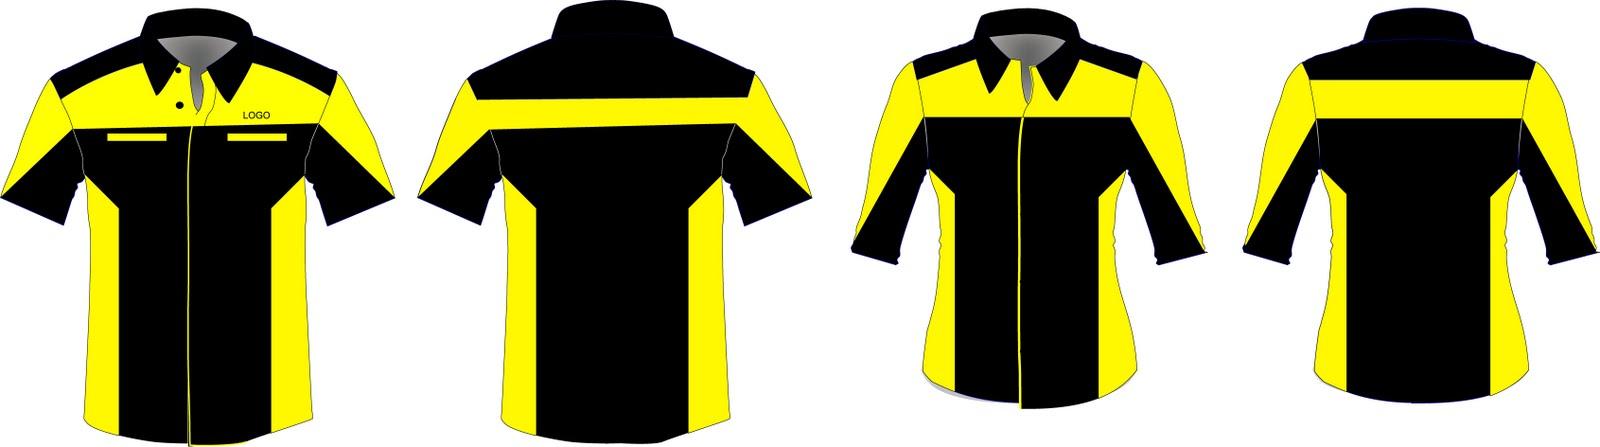 New Design F1 Shirt Oren Sport